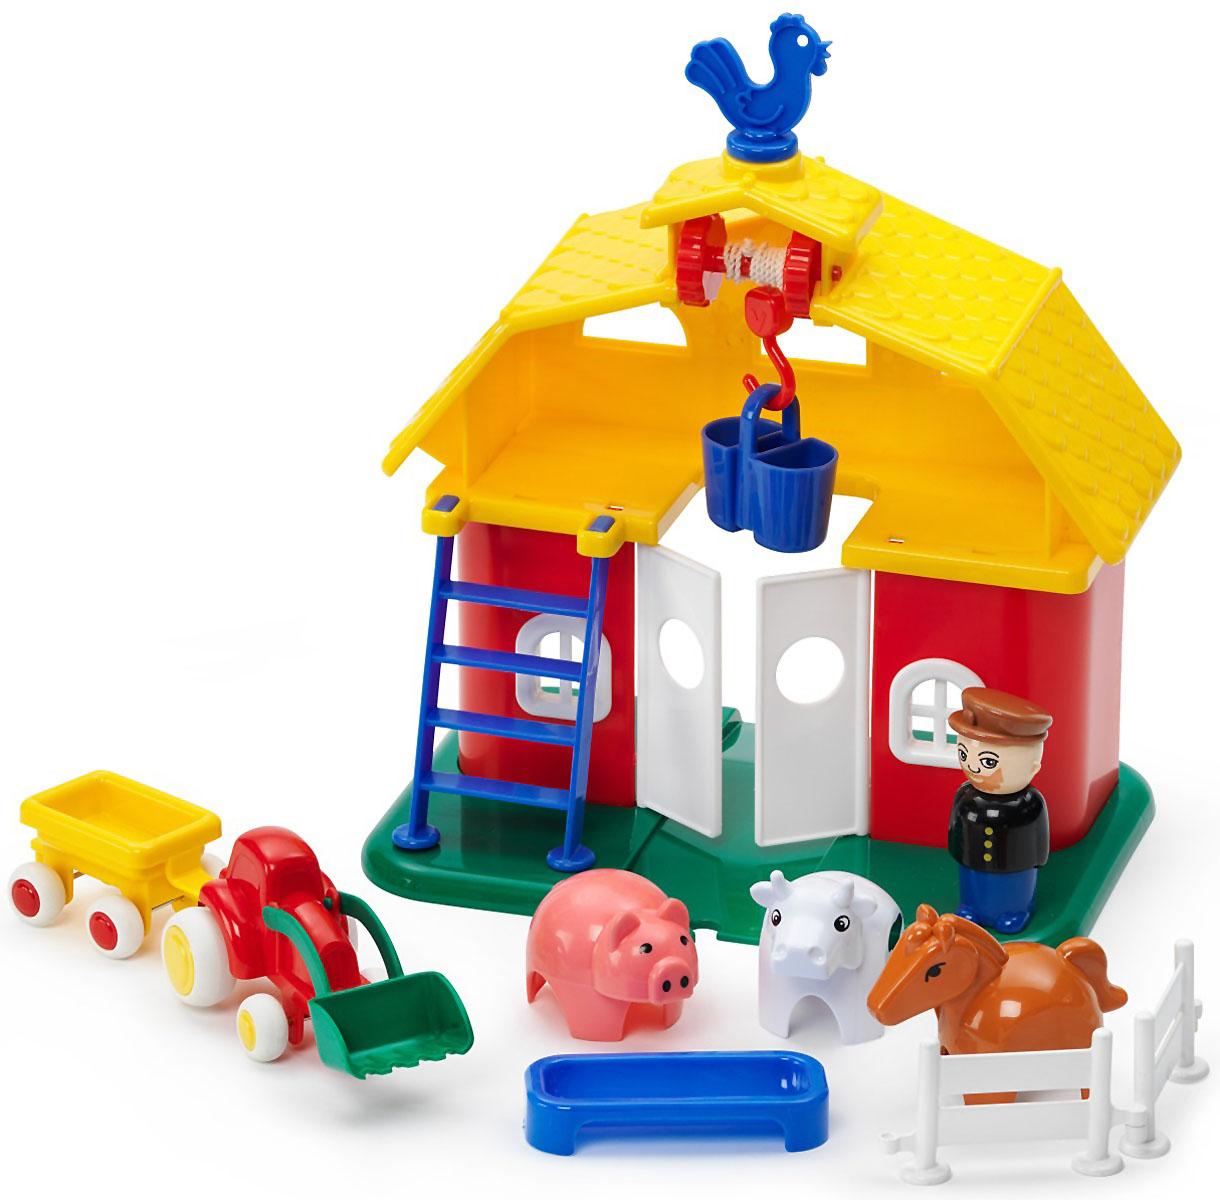 Viking Toys Игровой набор Ферма - Игровые наборы